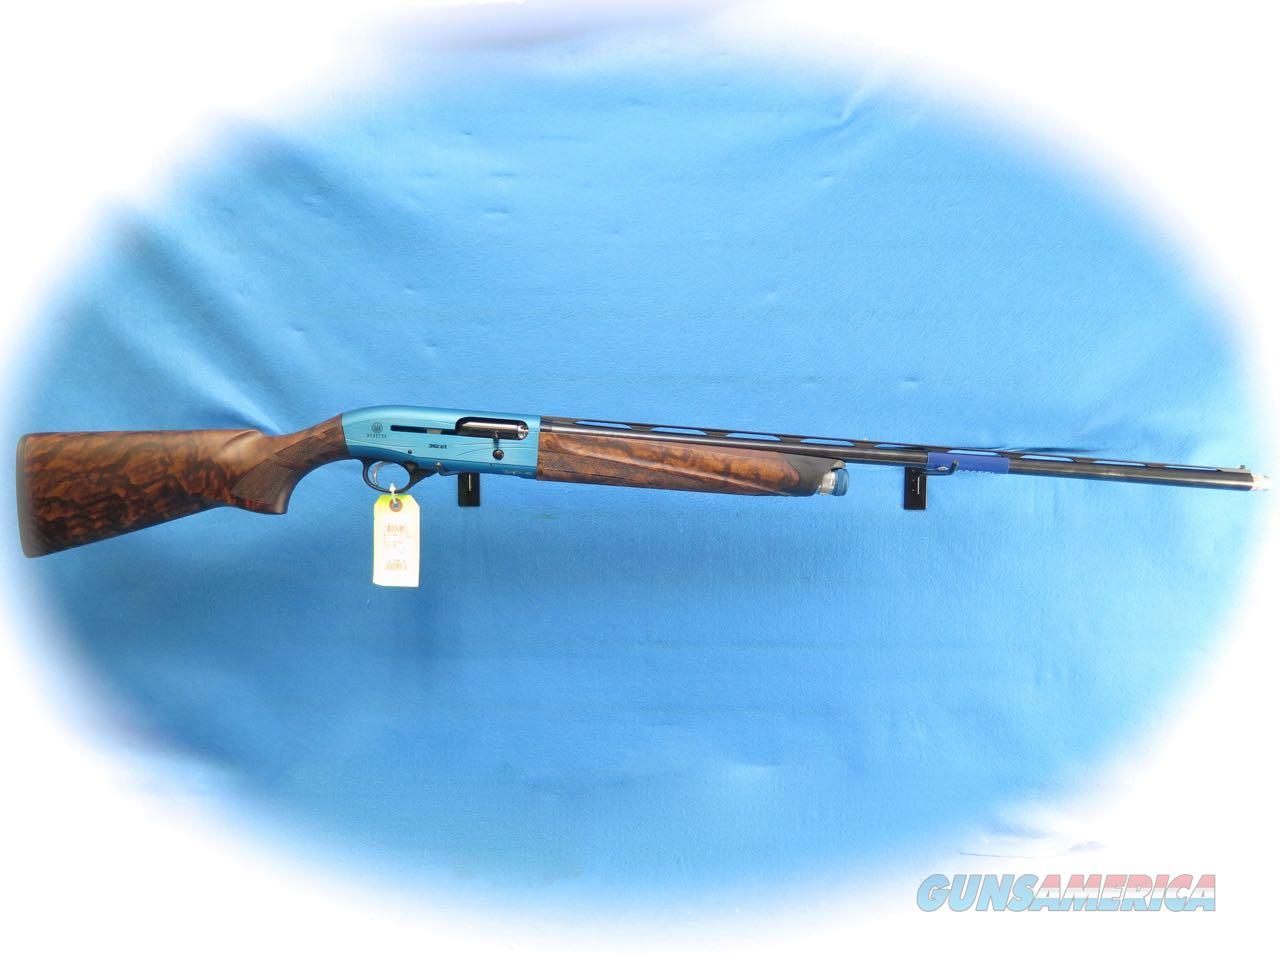 Beretta A400 Xcel 20 Ga. Semi Auto Shotgun Model J40CJ20 **New**  Guns > Shotguns > Beretta Shotguns > Autoloaders > Trap/Skeet